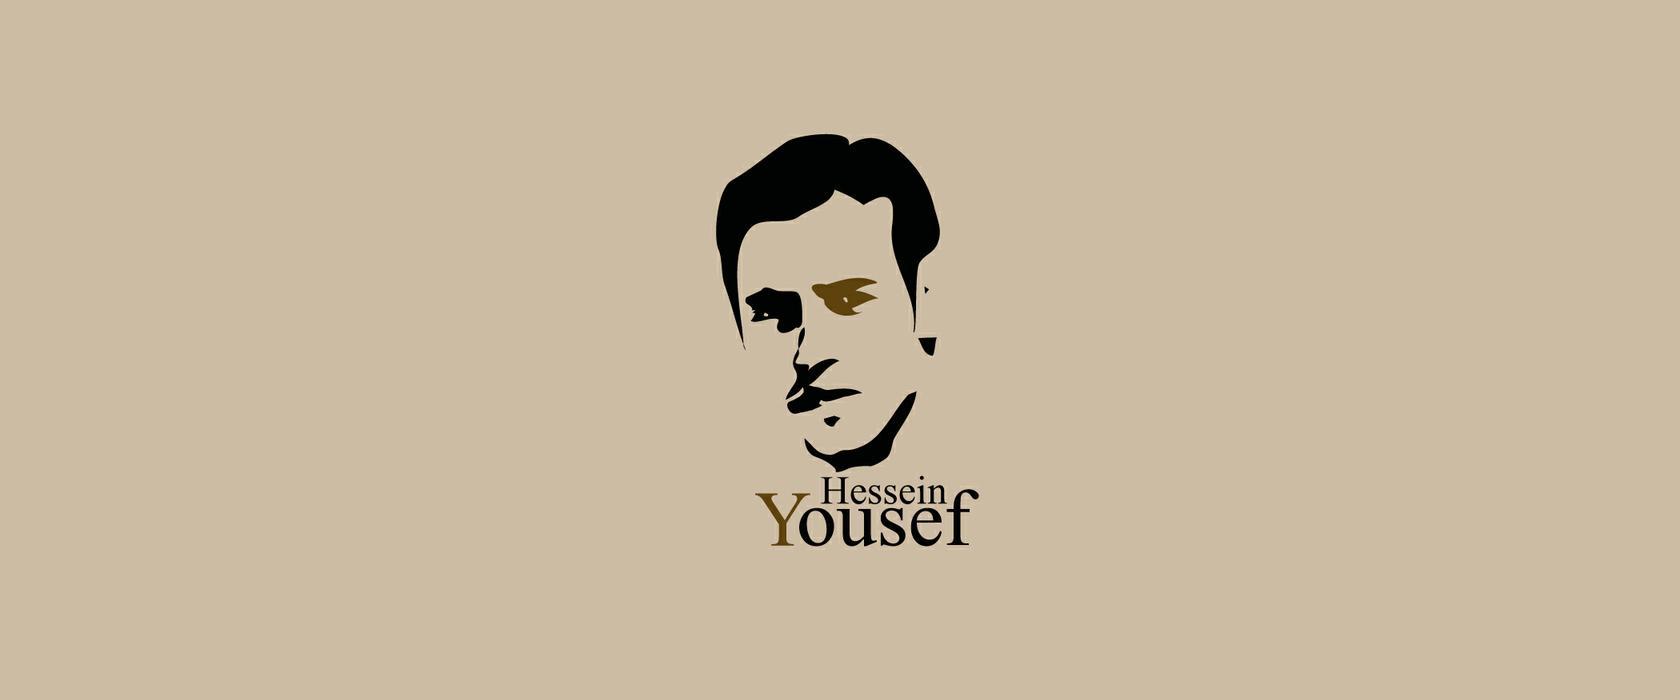 Hessein Yousef